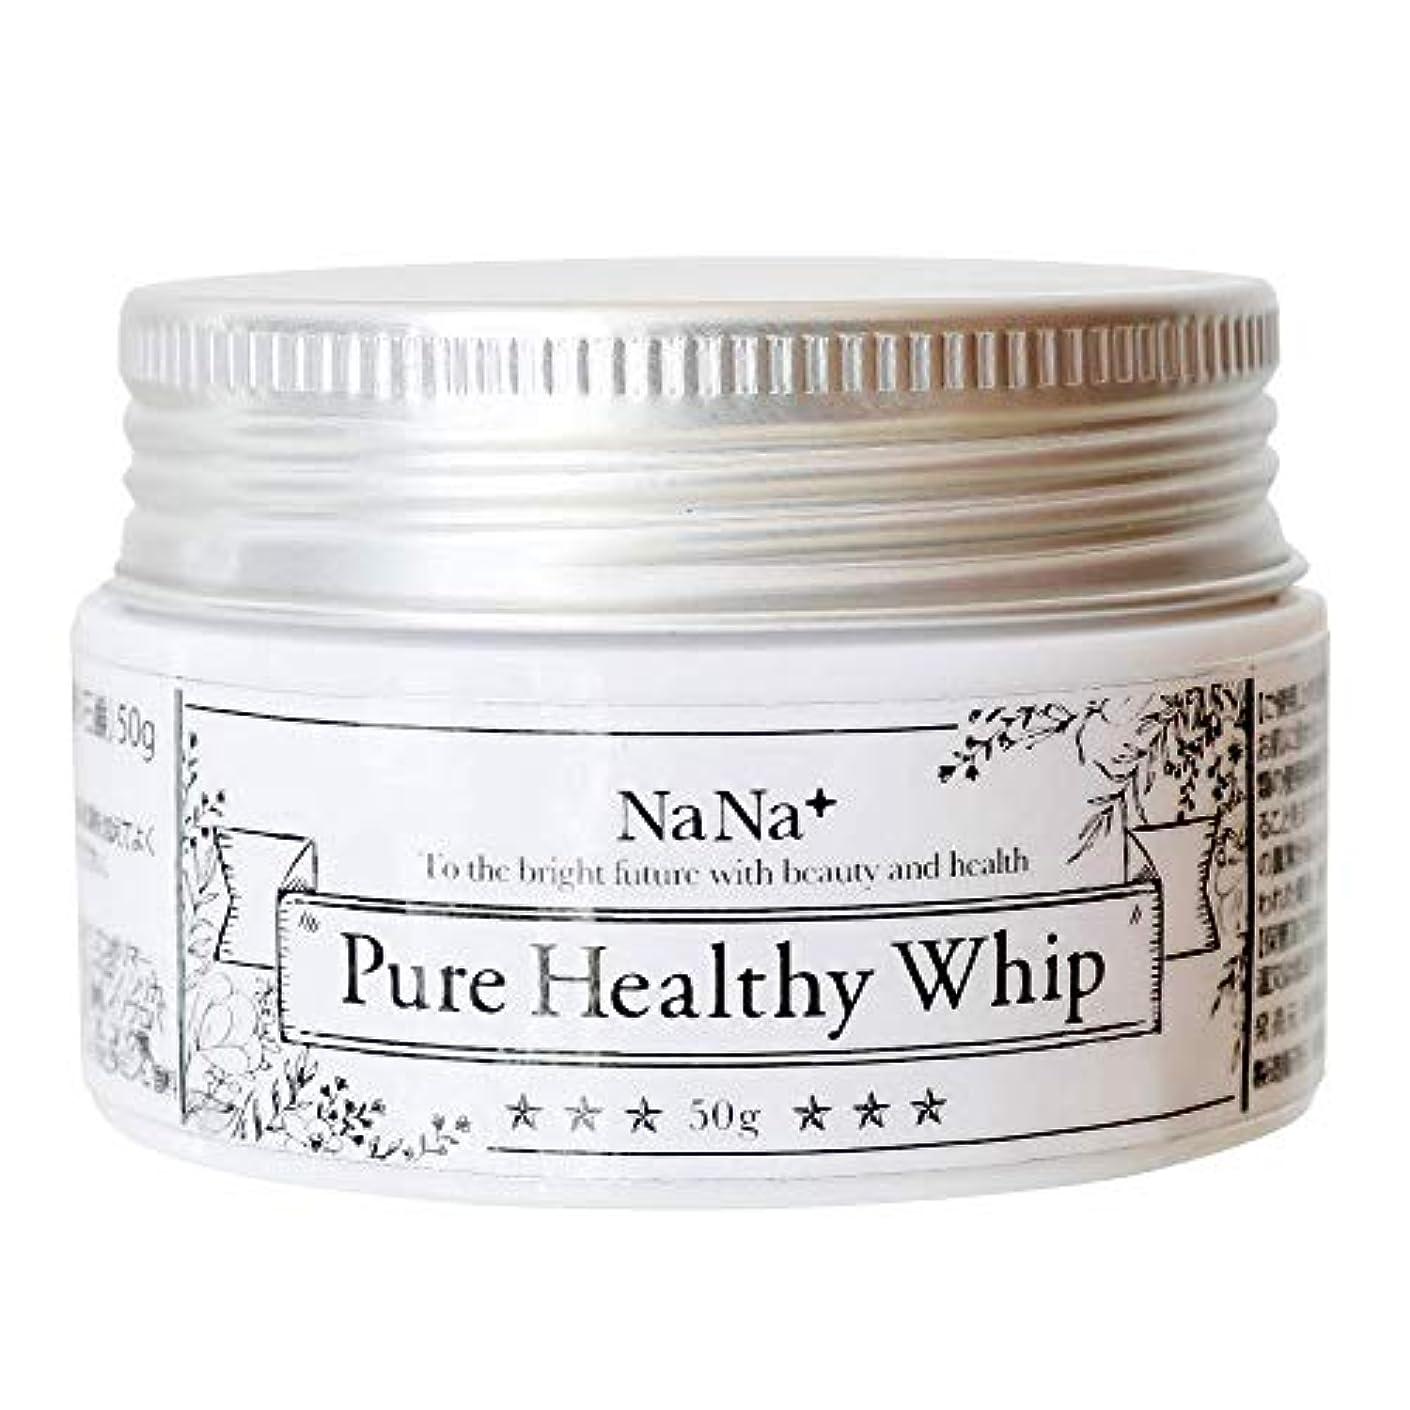 例示するスケッチ意図する洗顔 生せっけん 敏感肌 乾燥肌 の 毛穴 くすみ 黒ずみ ケア 肌に優しい無添加  nana+ピュアヘルシーホイップ